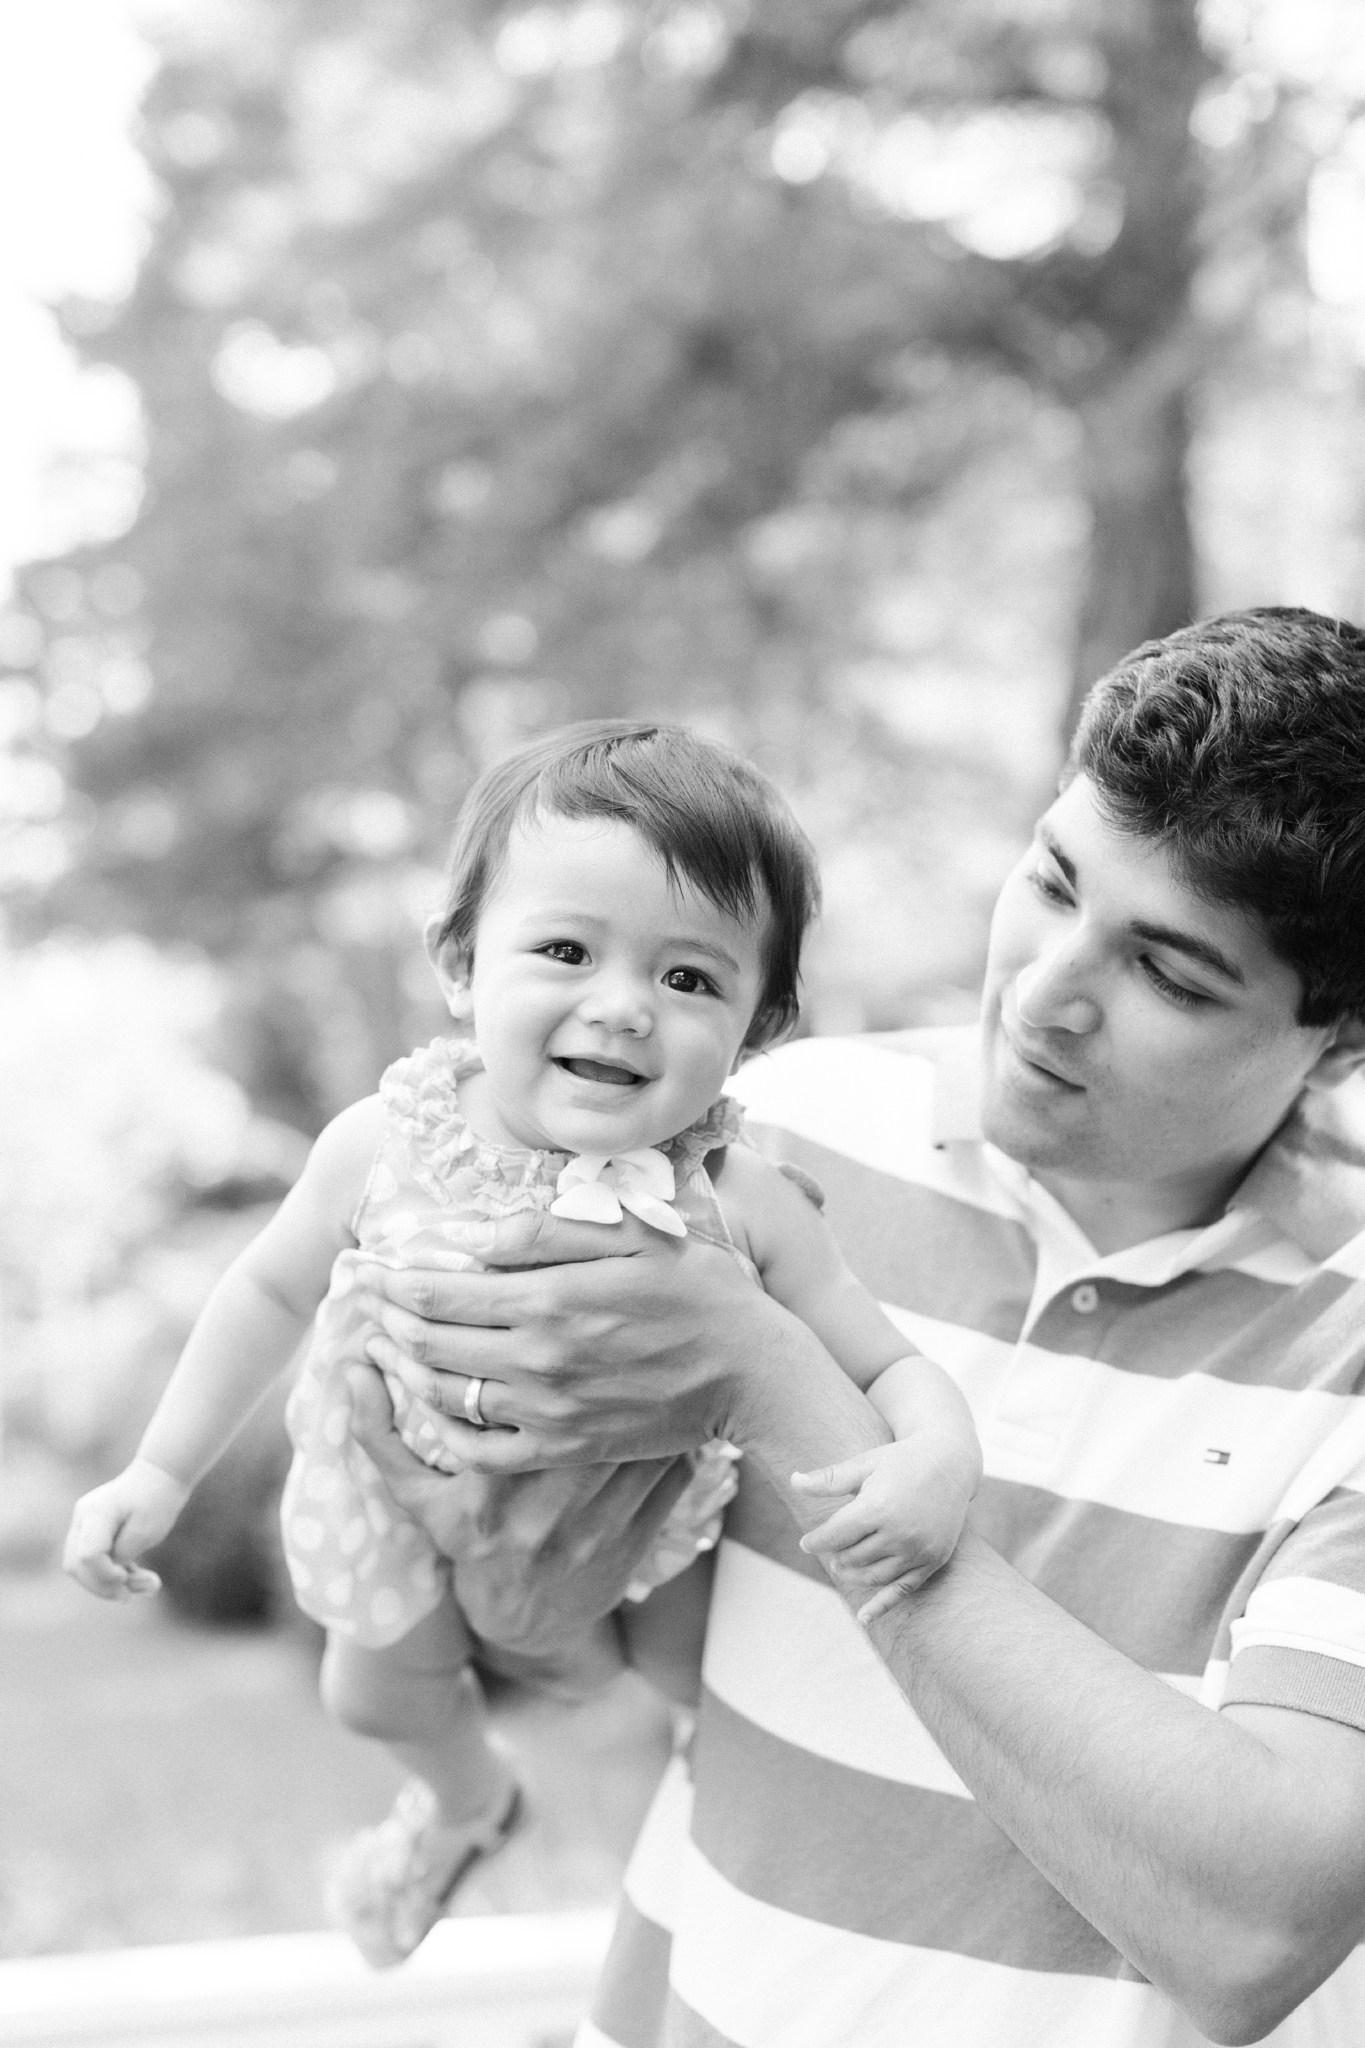 debroah_zoe_photography_family_portraits_boston_00042.JPG